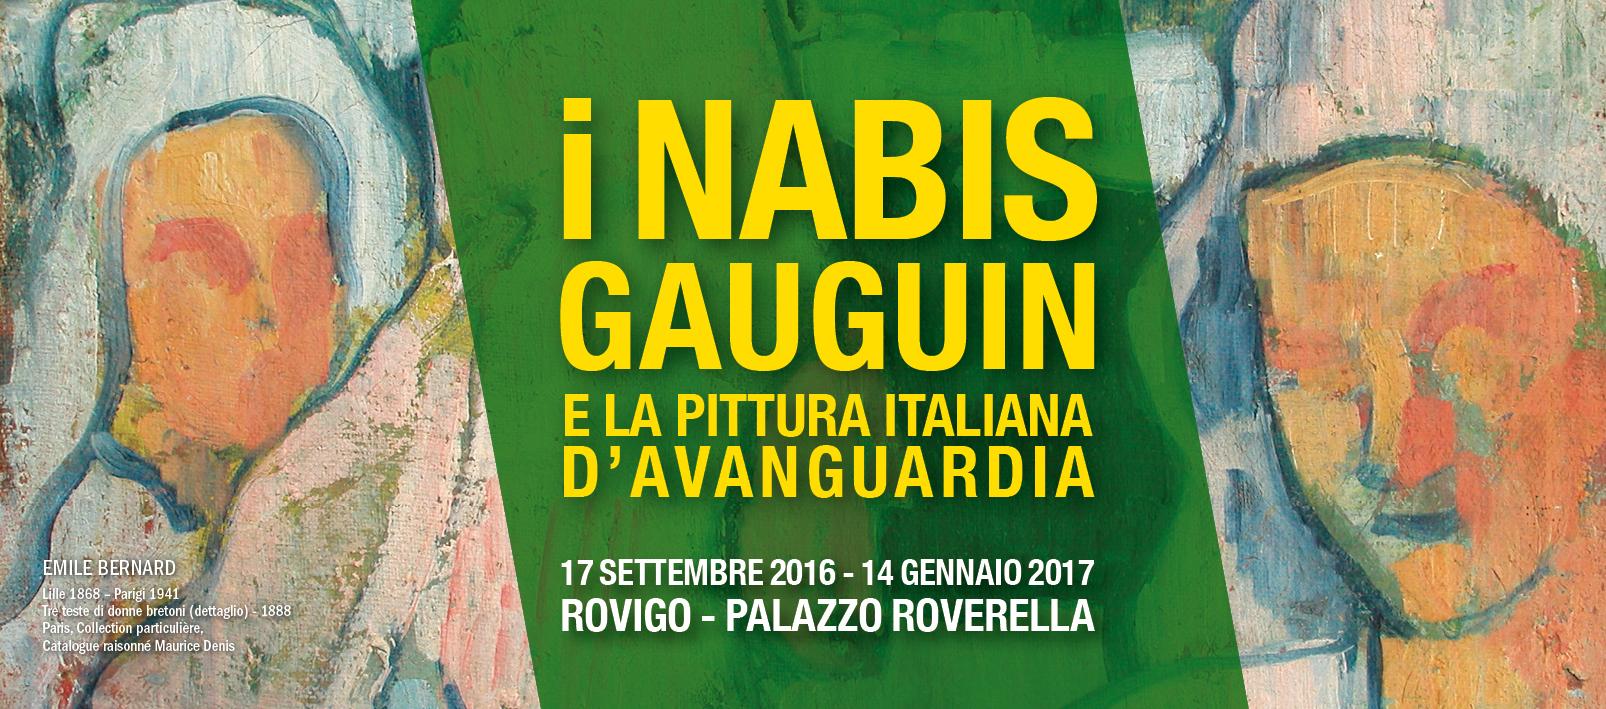 nabis-gauguin-a-rovigo